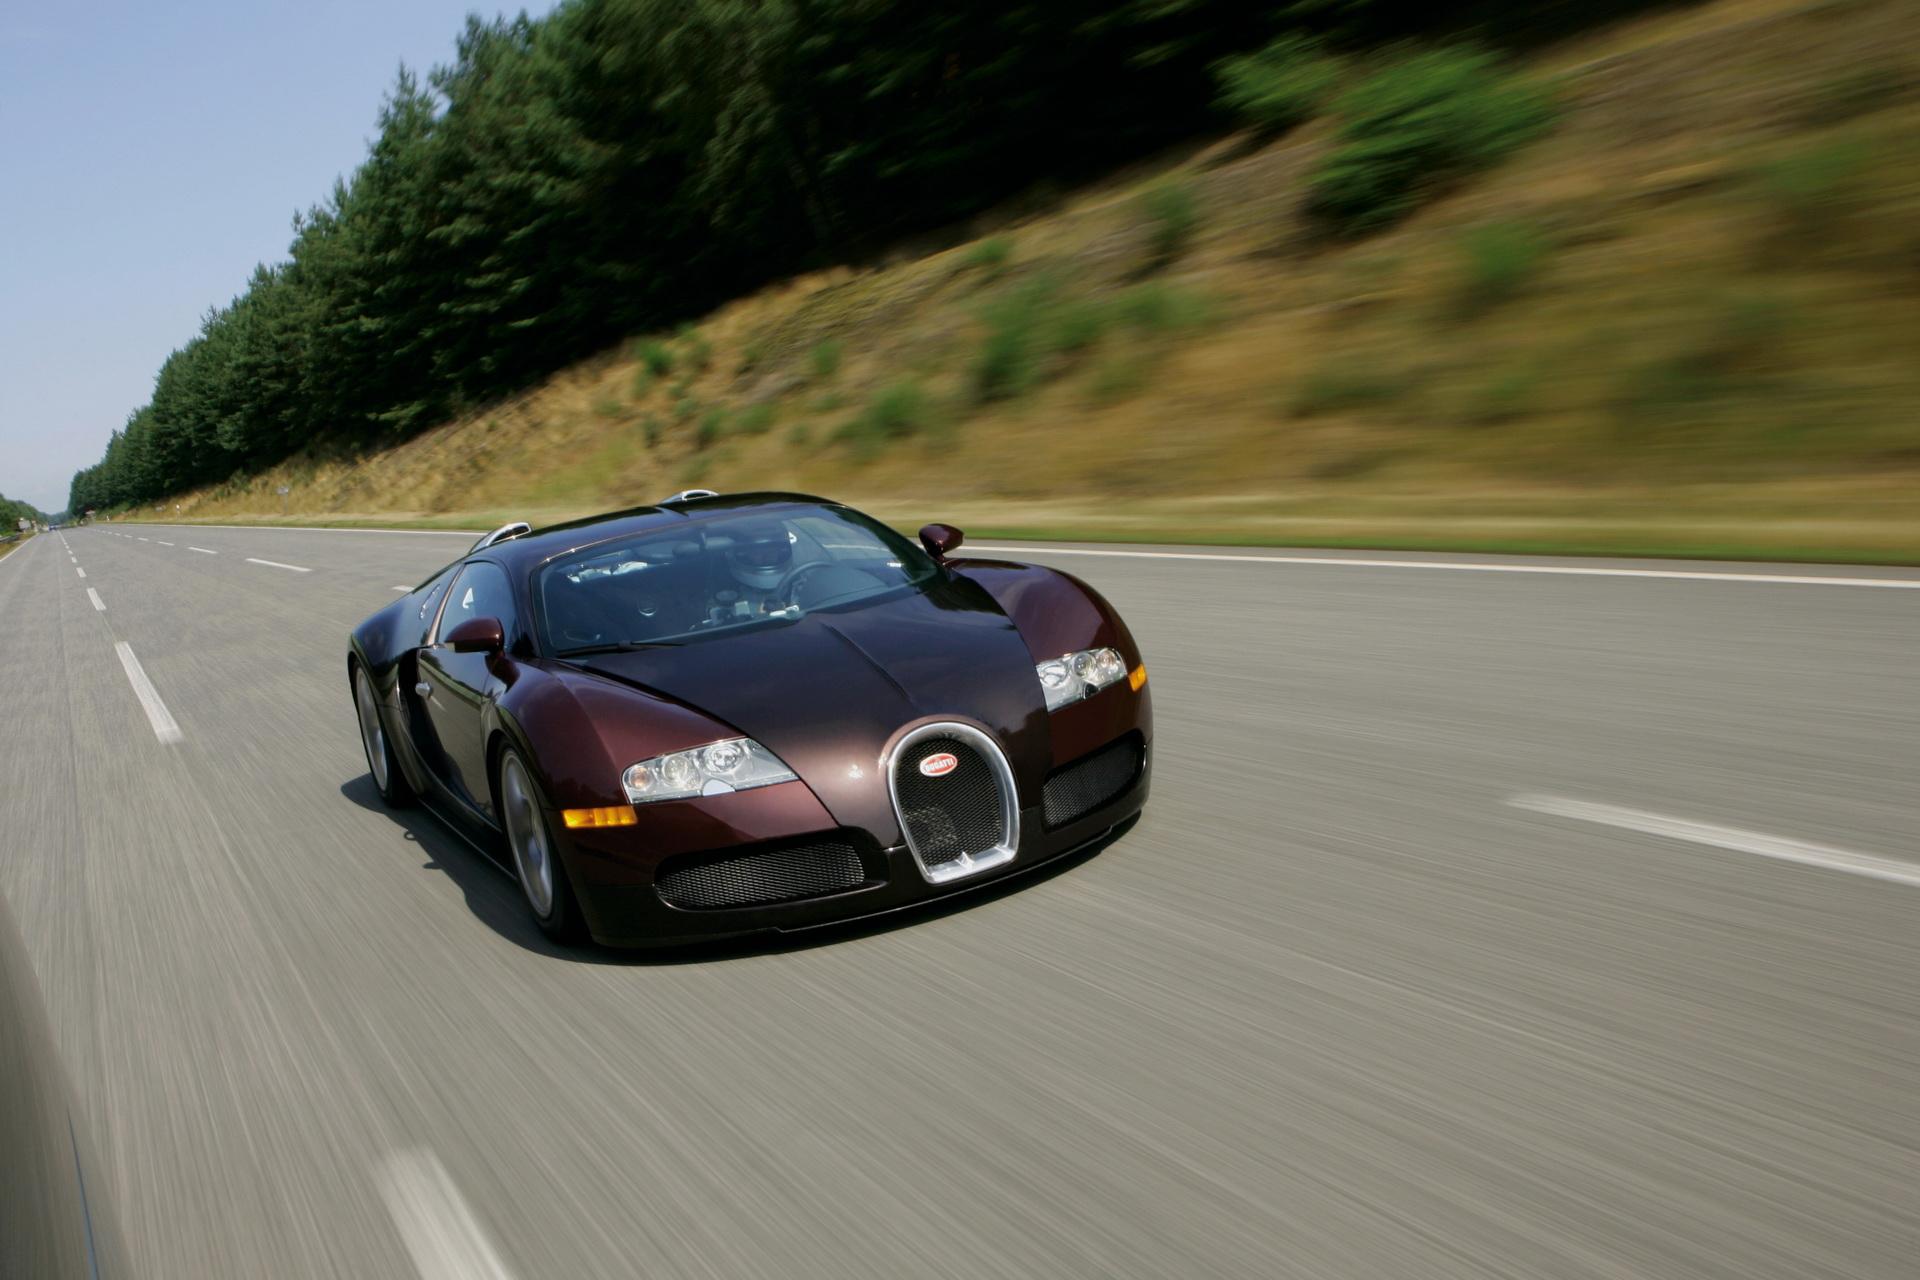 bugatti-veyron-breaks-400-kmh-barrier-landmark-1